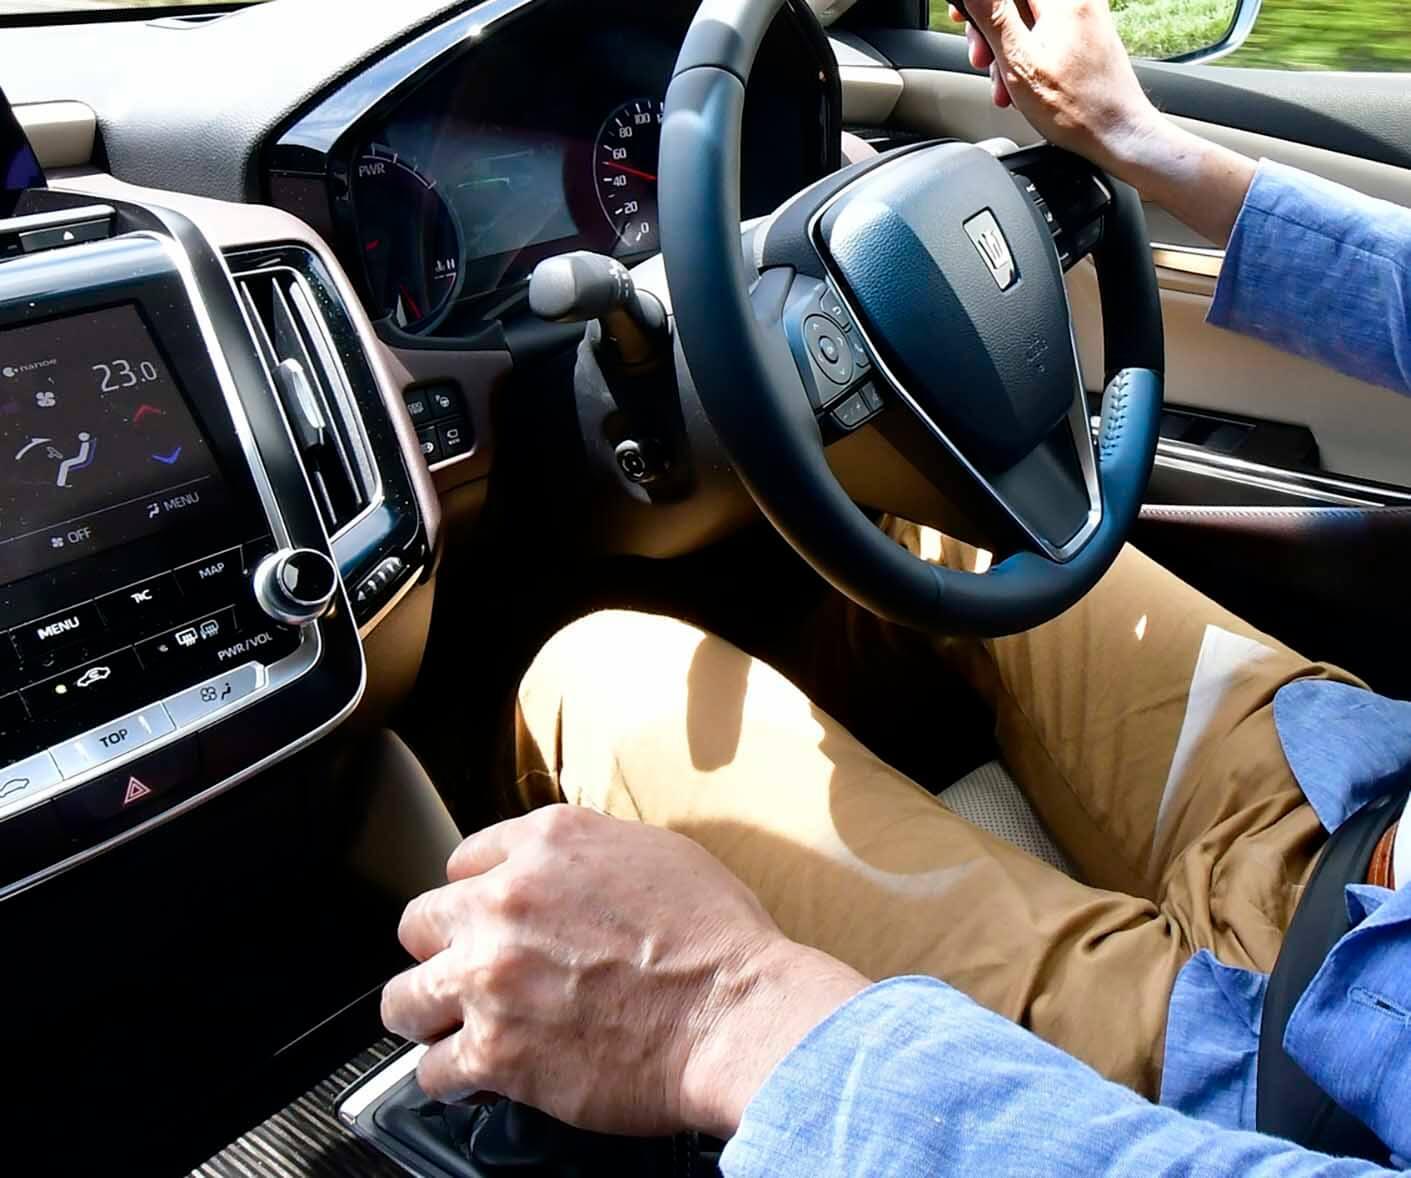 【存在は地味だが確かな効果と安心感】縁の下の力持ち ドライバー支援装置の実力と恩恵